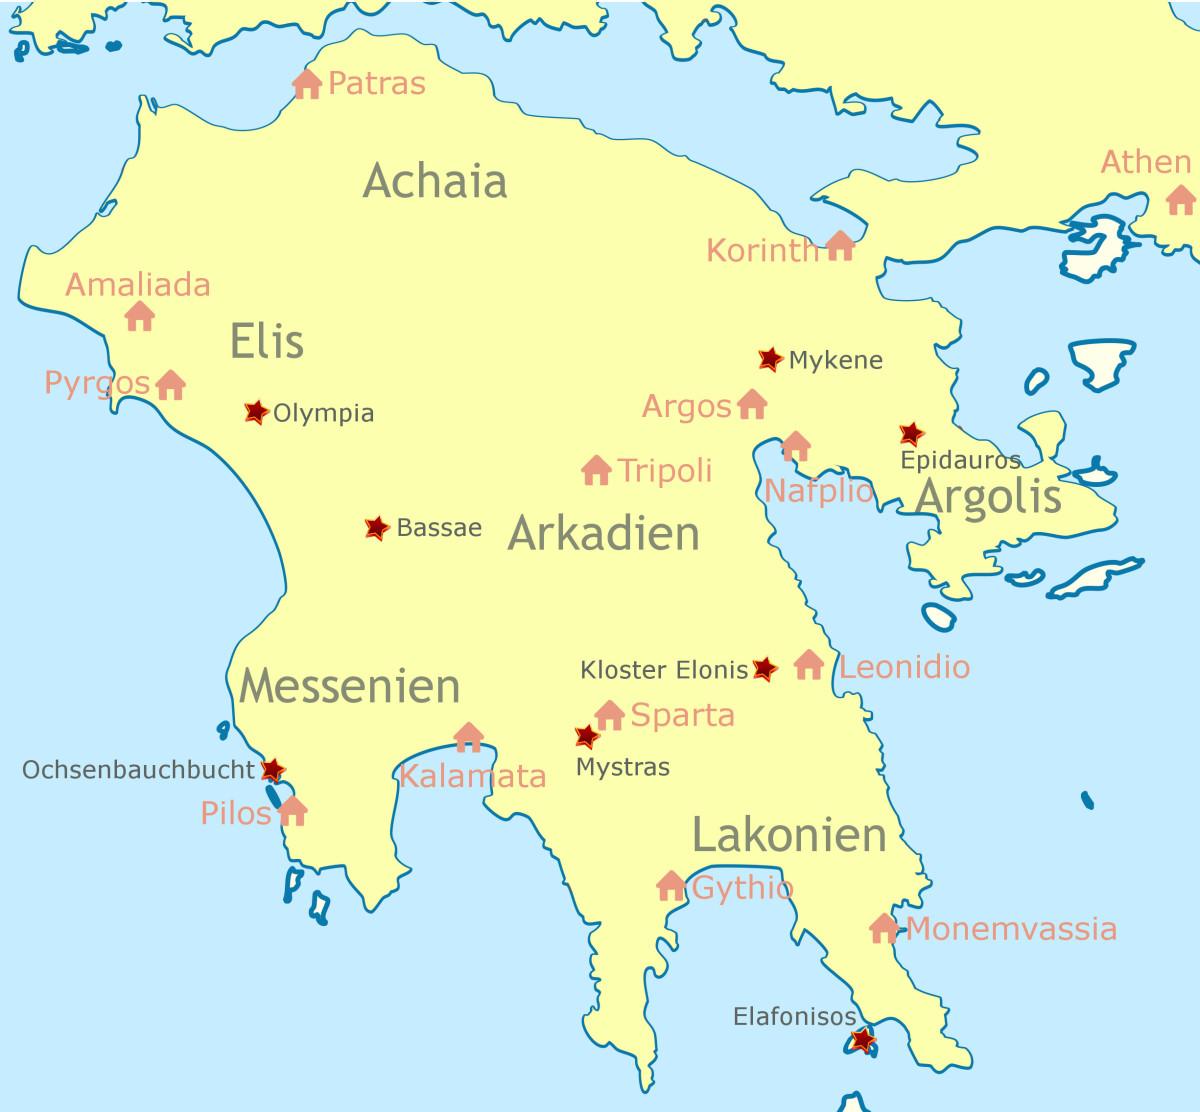 Karte Griechenland Peloponnes.Willkommen Auf Dem Peloponnes Dem Antiken Schatz Im Mittelmeer